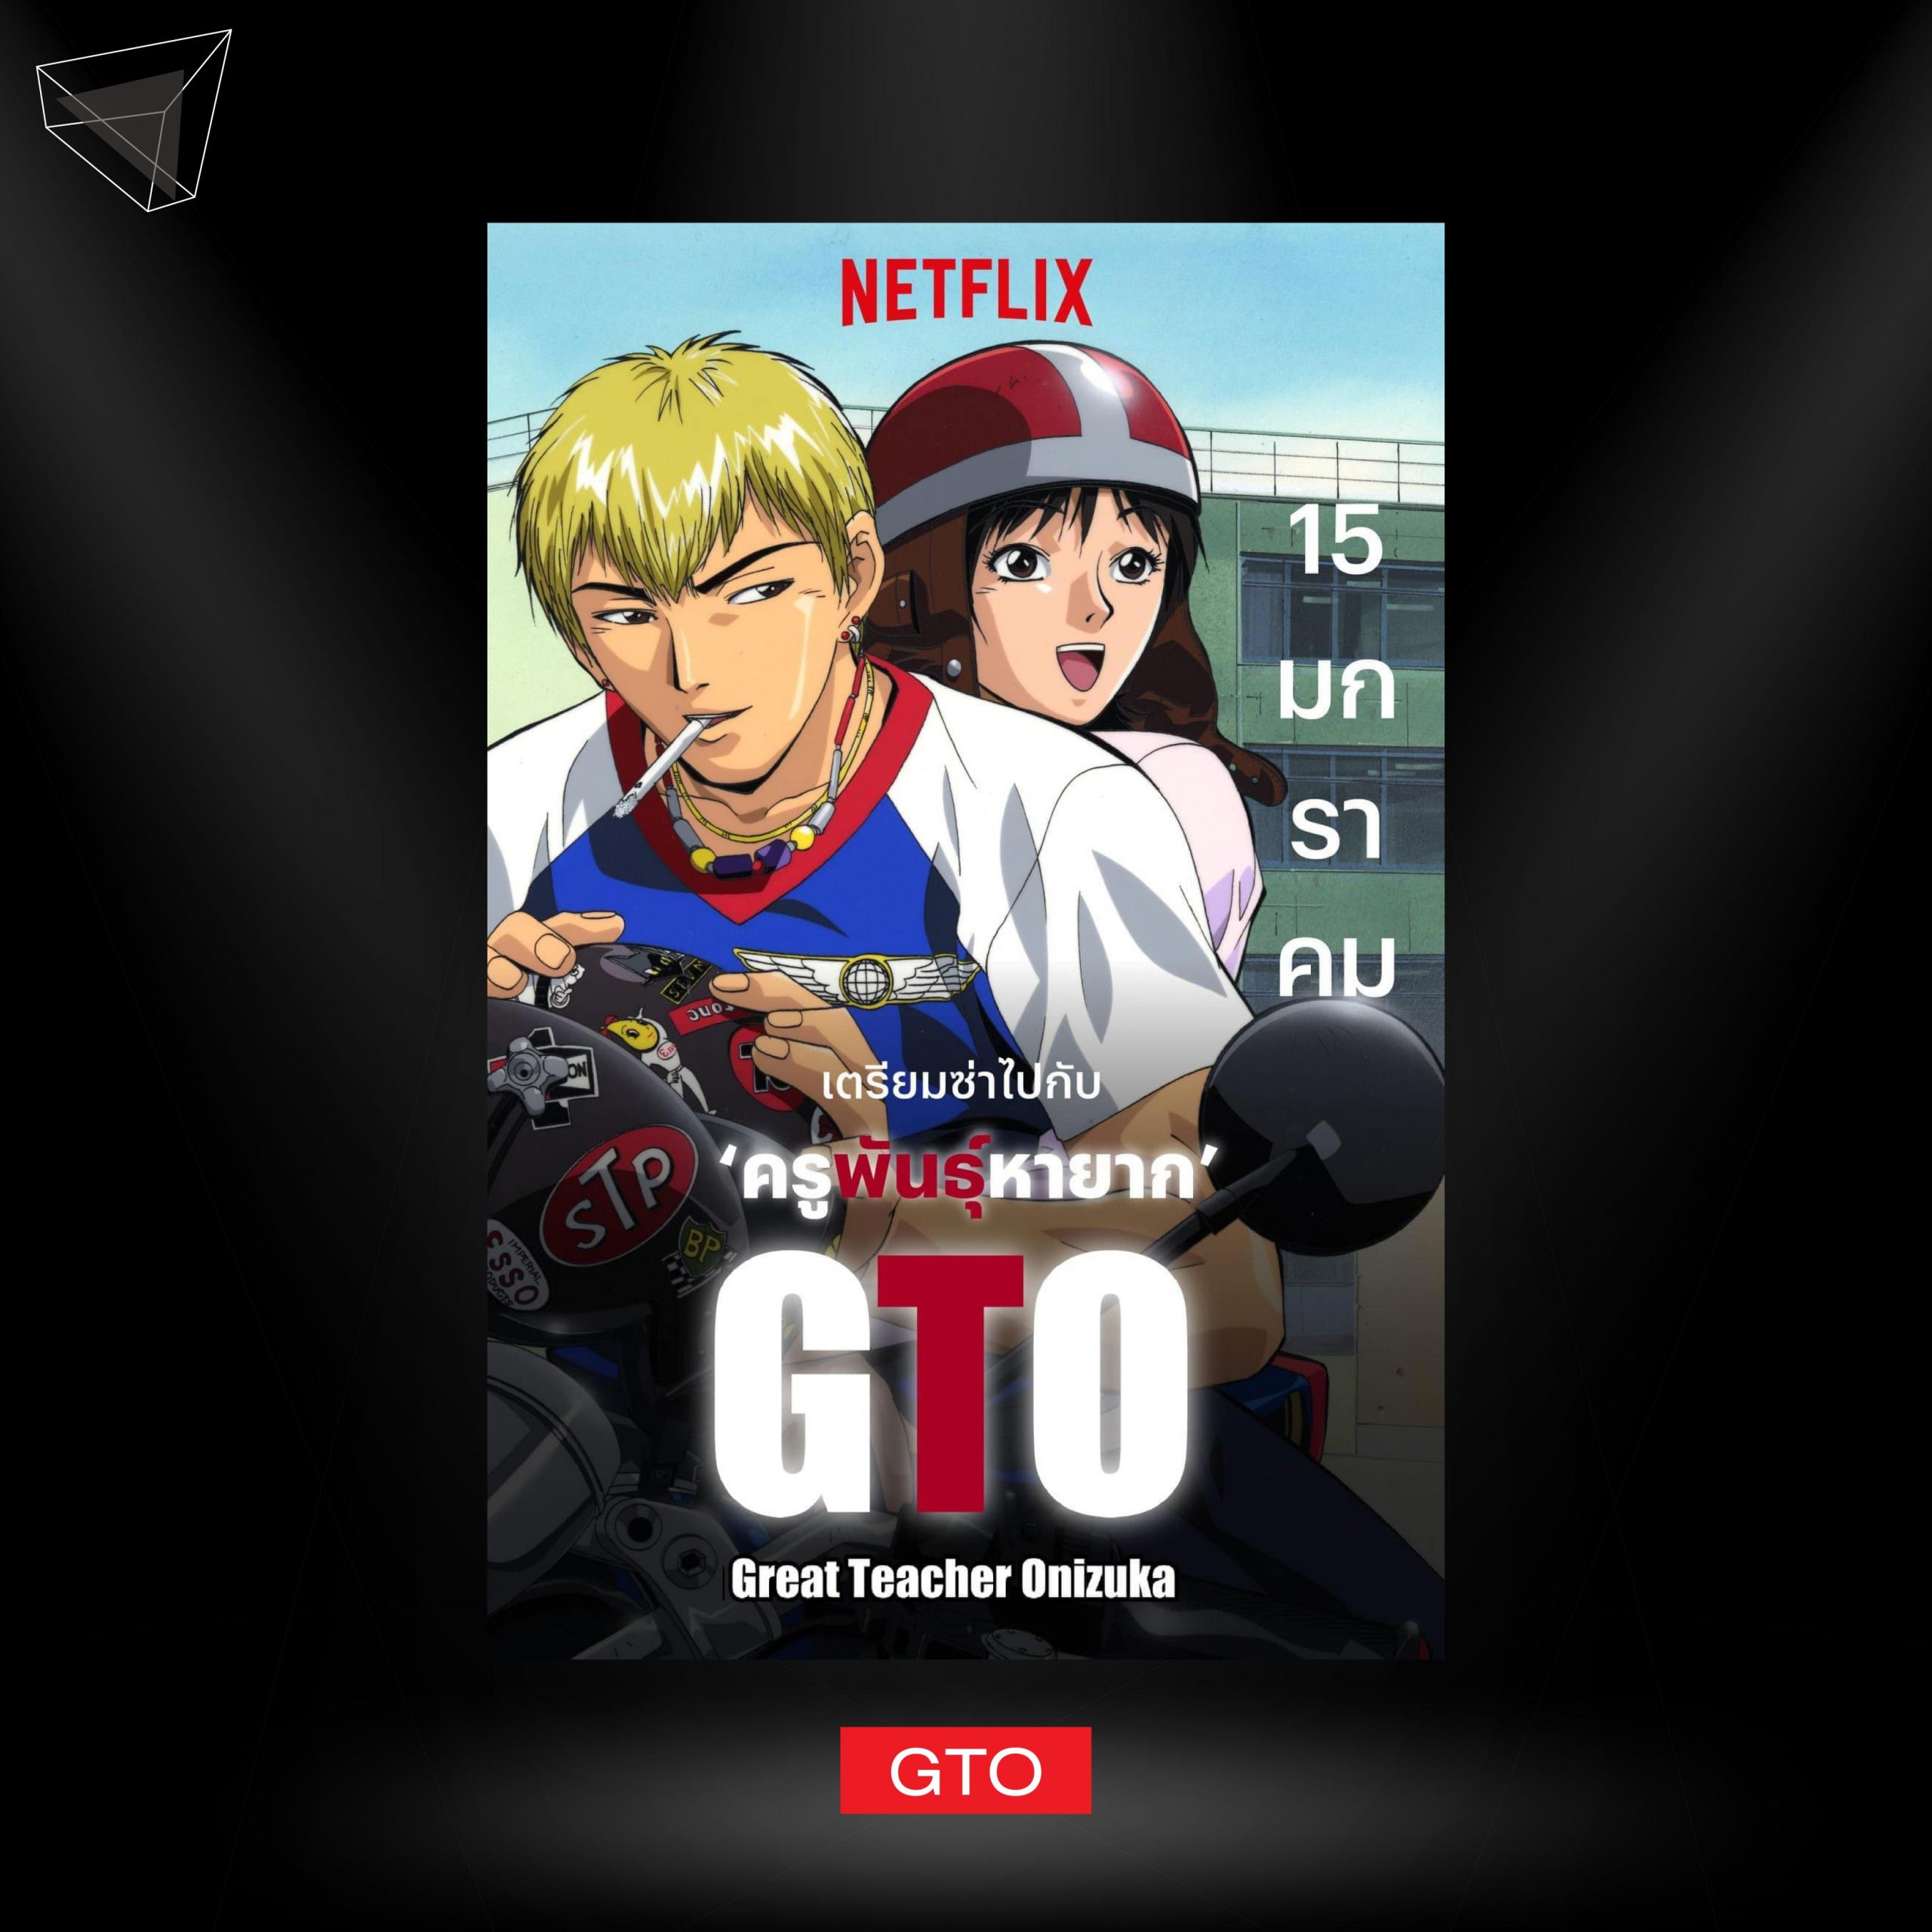 """อนิเมะน่าดู เรื่อง """"GTO คุณครูพันธุ์หายาก"""""""